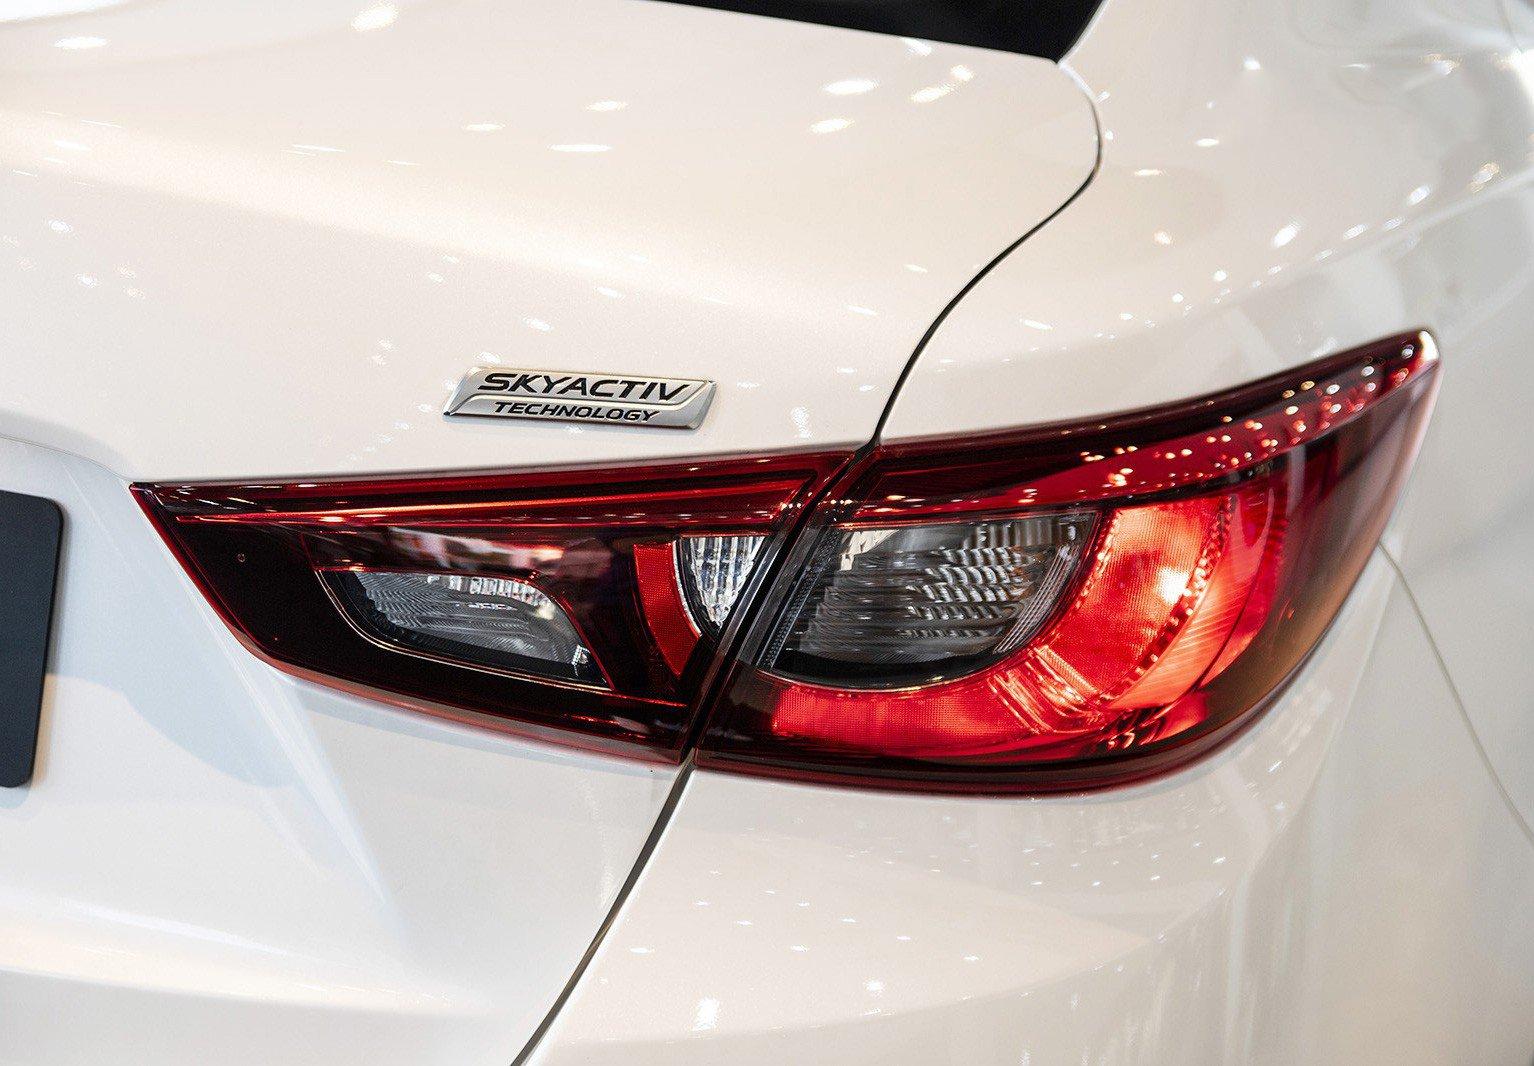 So sánh xe Suzuki Swift 2019 và Mazda 2 2019: Mua hatchback hạng B nào cho phải? 26